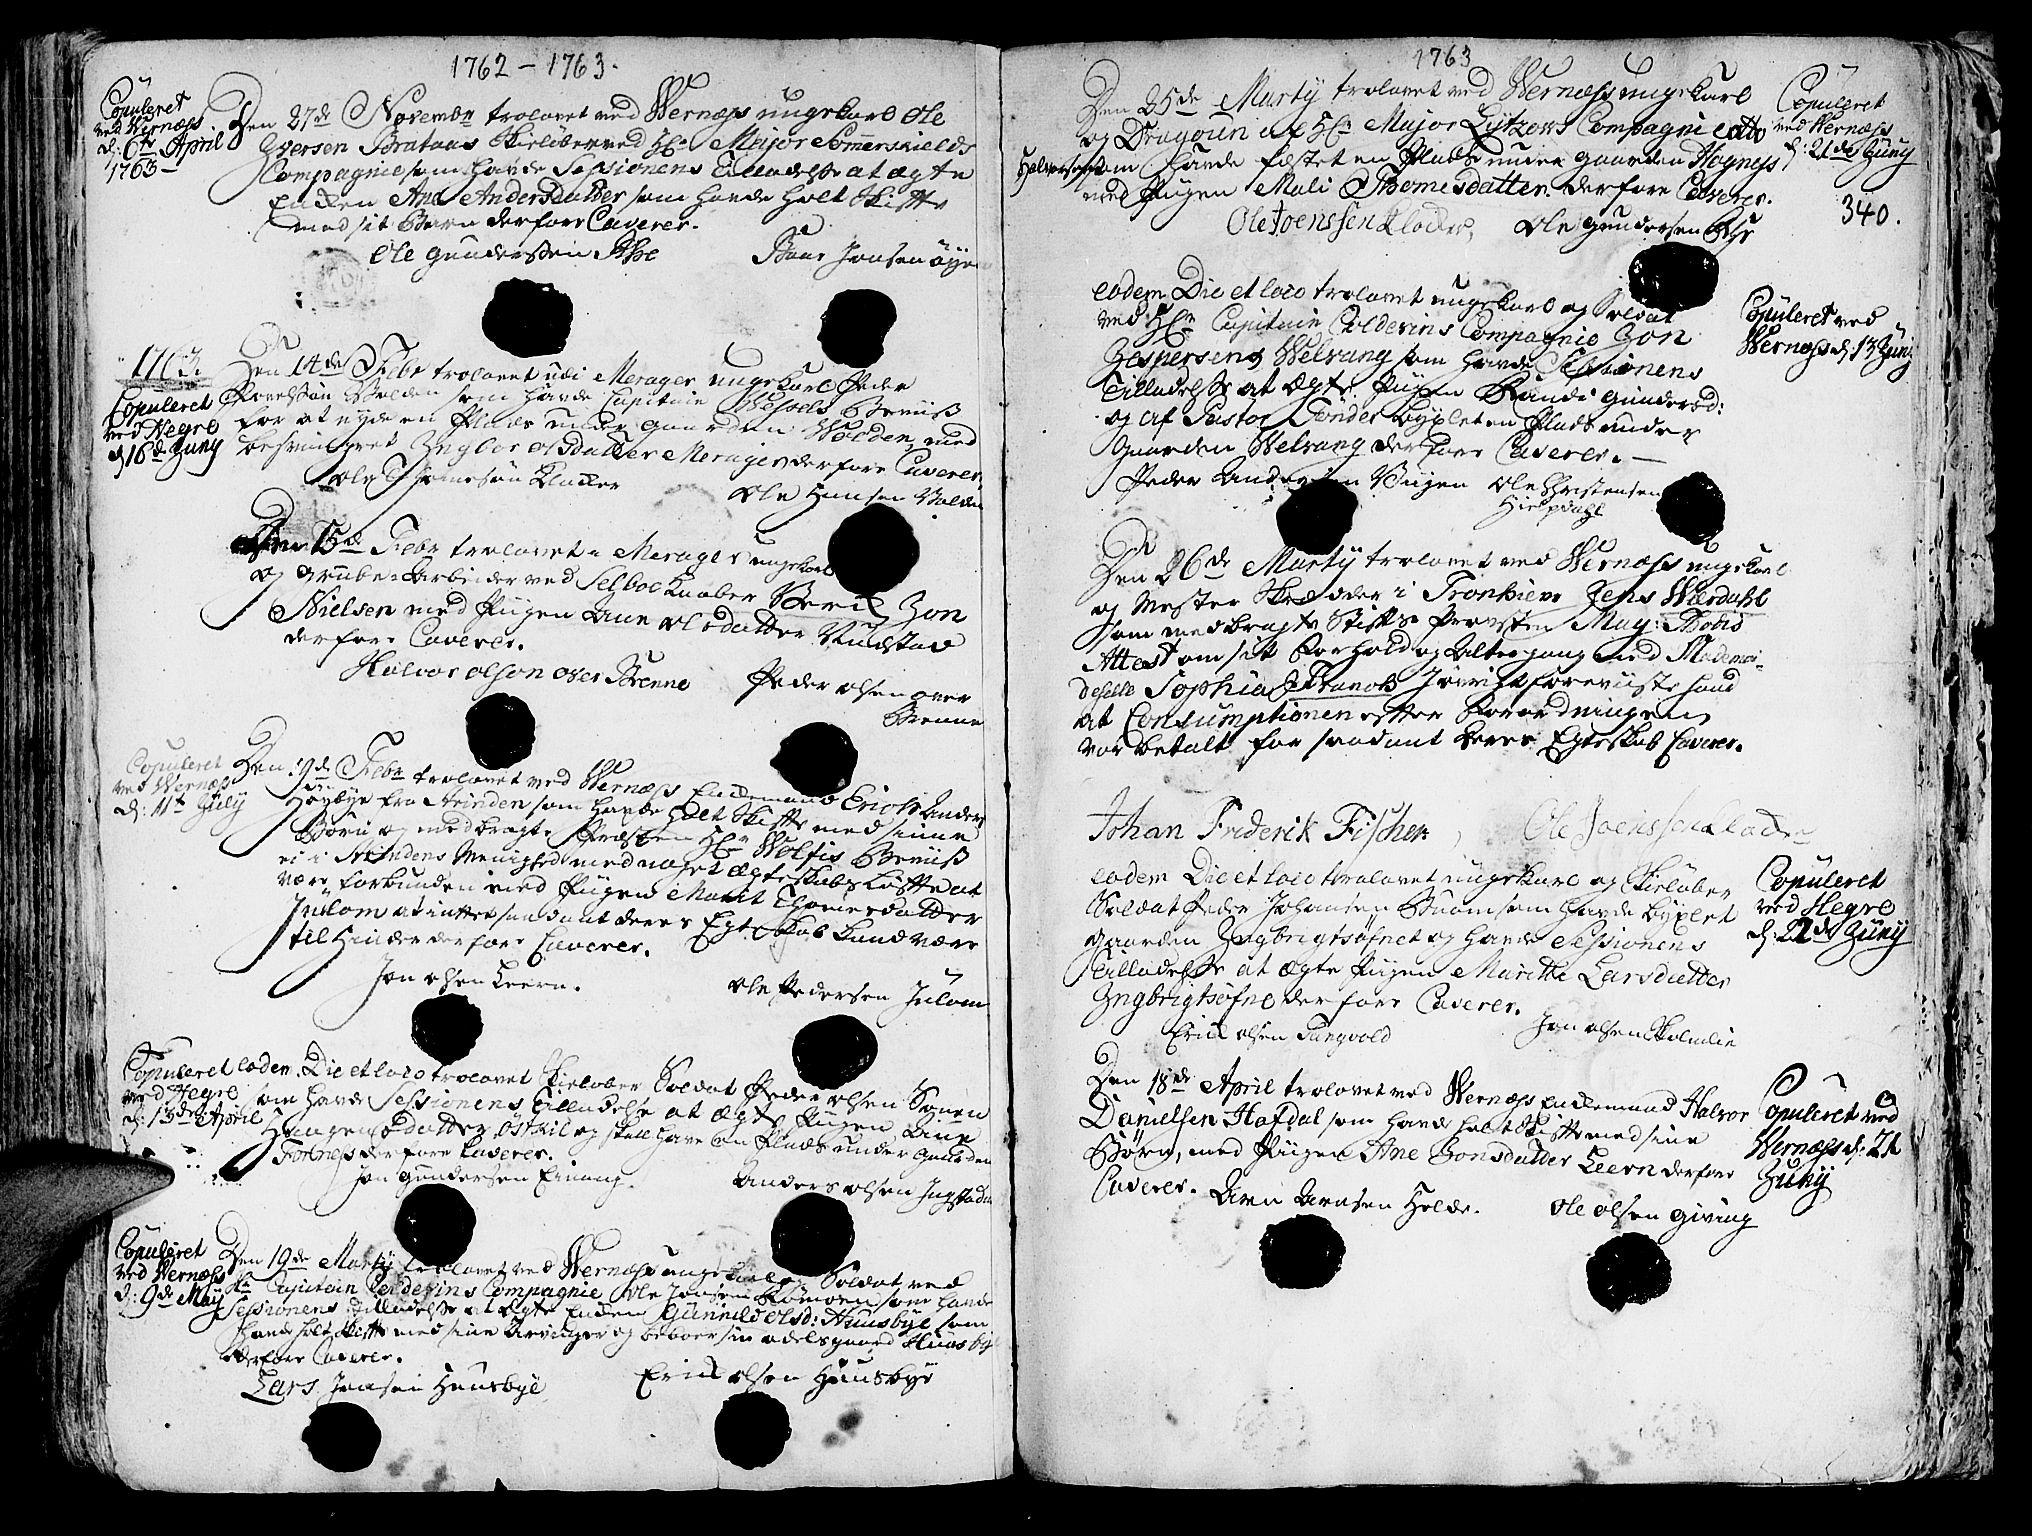 SAT, Ministerialprotokoller, klokkerbøker og fødselsregistre - Nord-Trøndelag, 709/L0057: Ministerialbok nr. 709A05, 1755-1780, s. 340